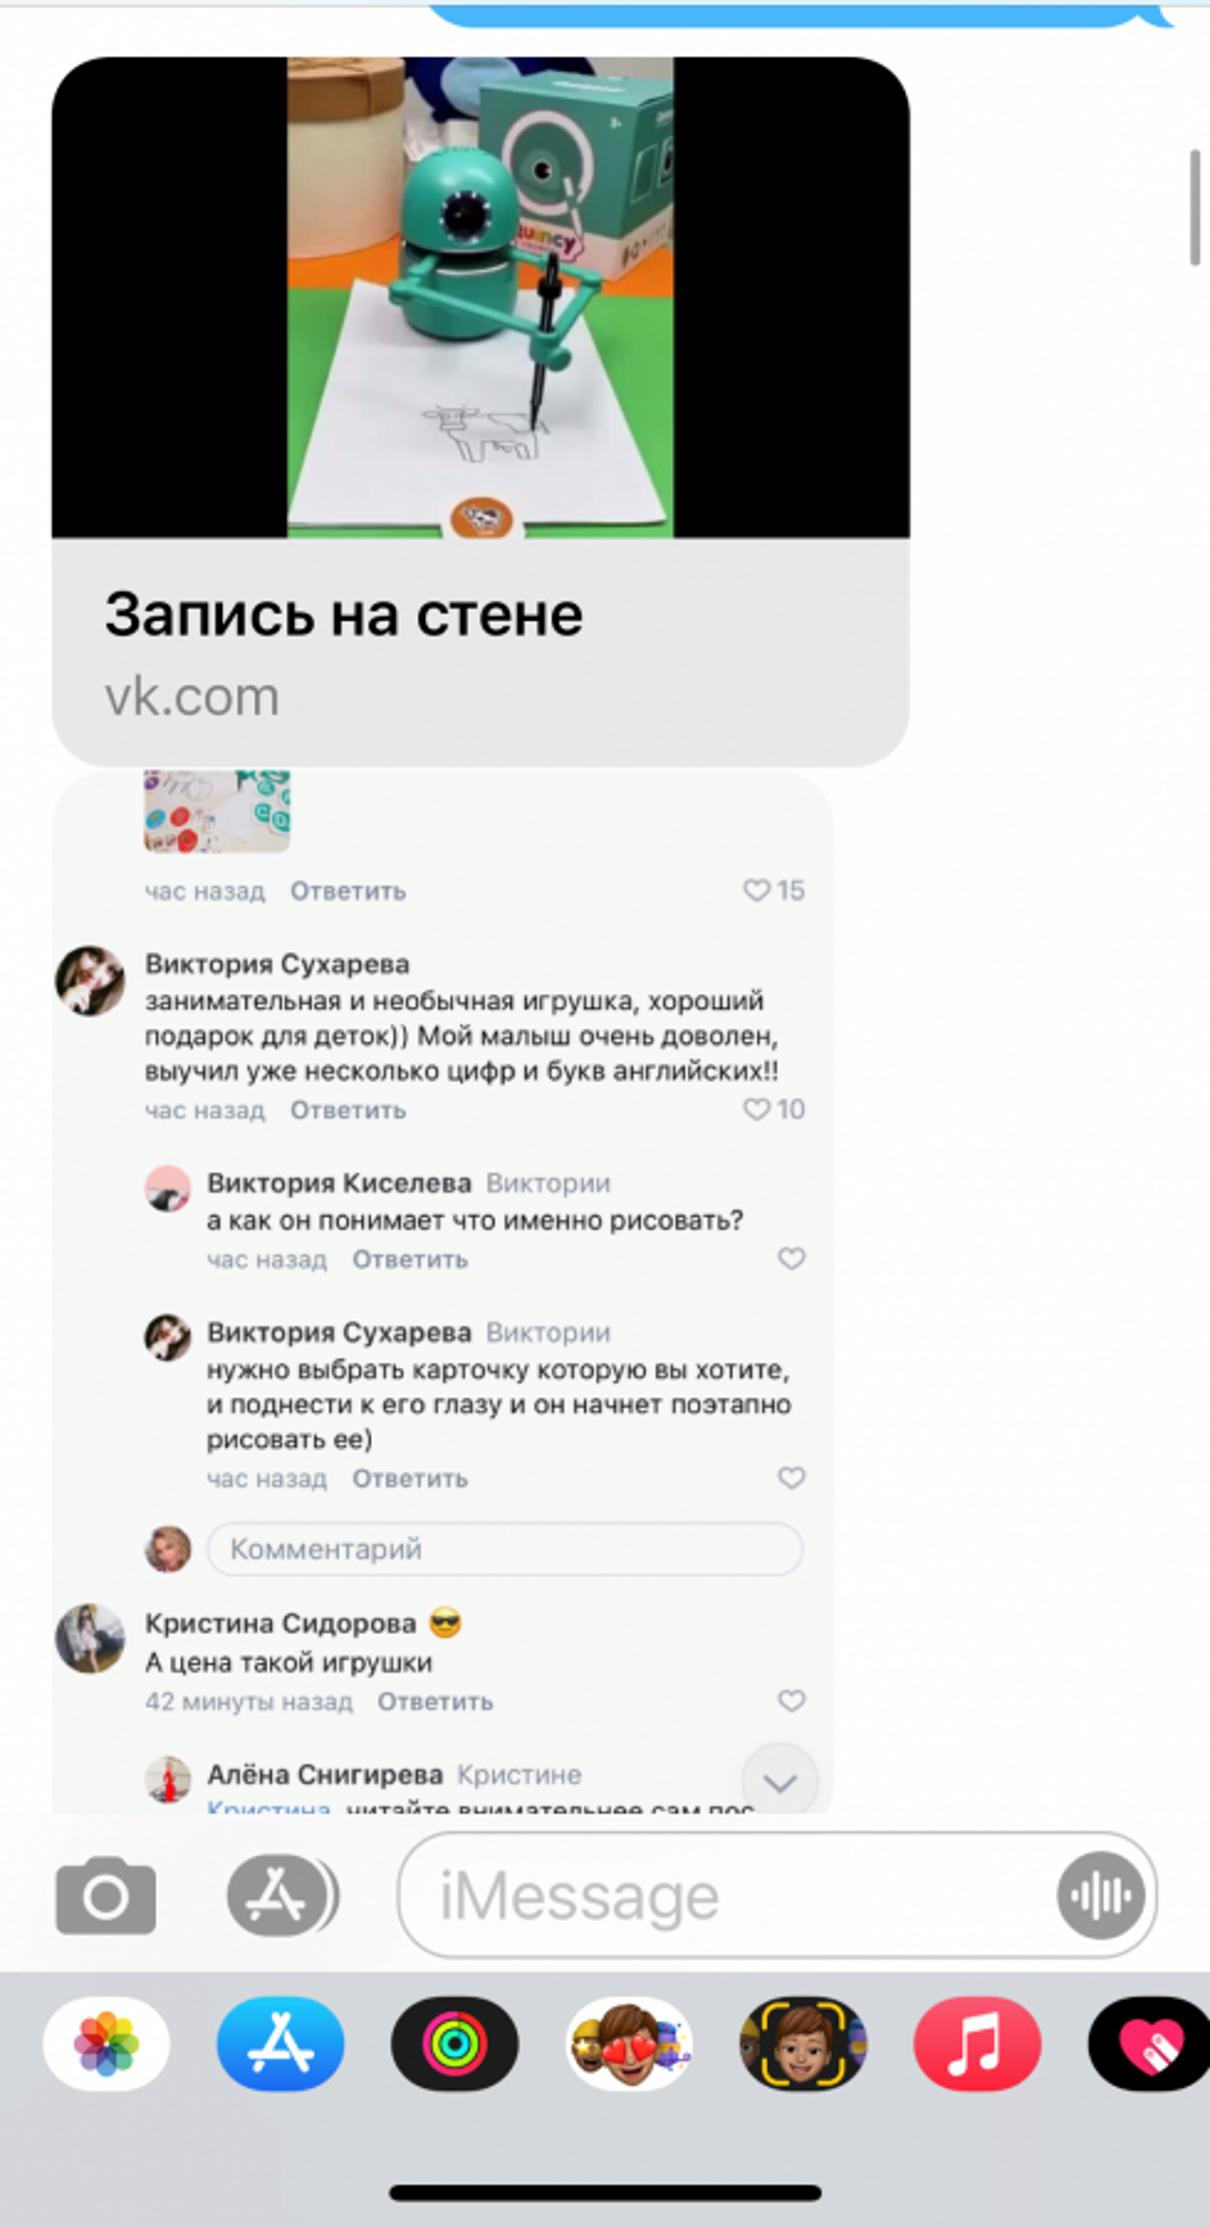 Жалоба-отзыв: ООО А-ТРЕЙД (ЕСПП 110297) - Мошенники.  Фото №1